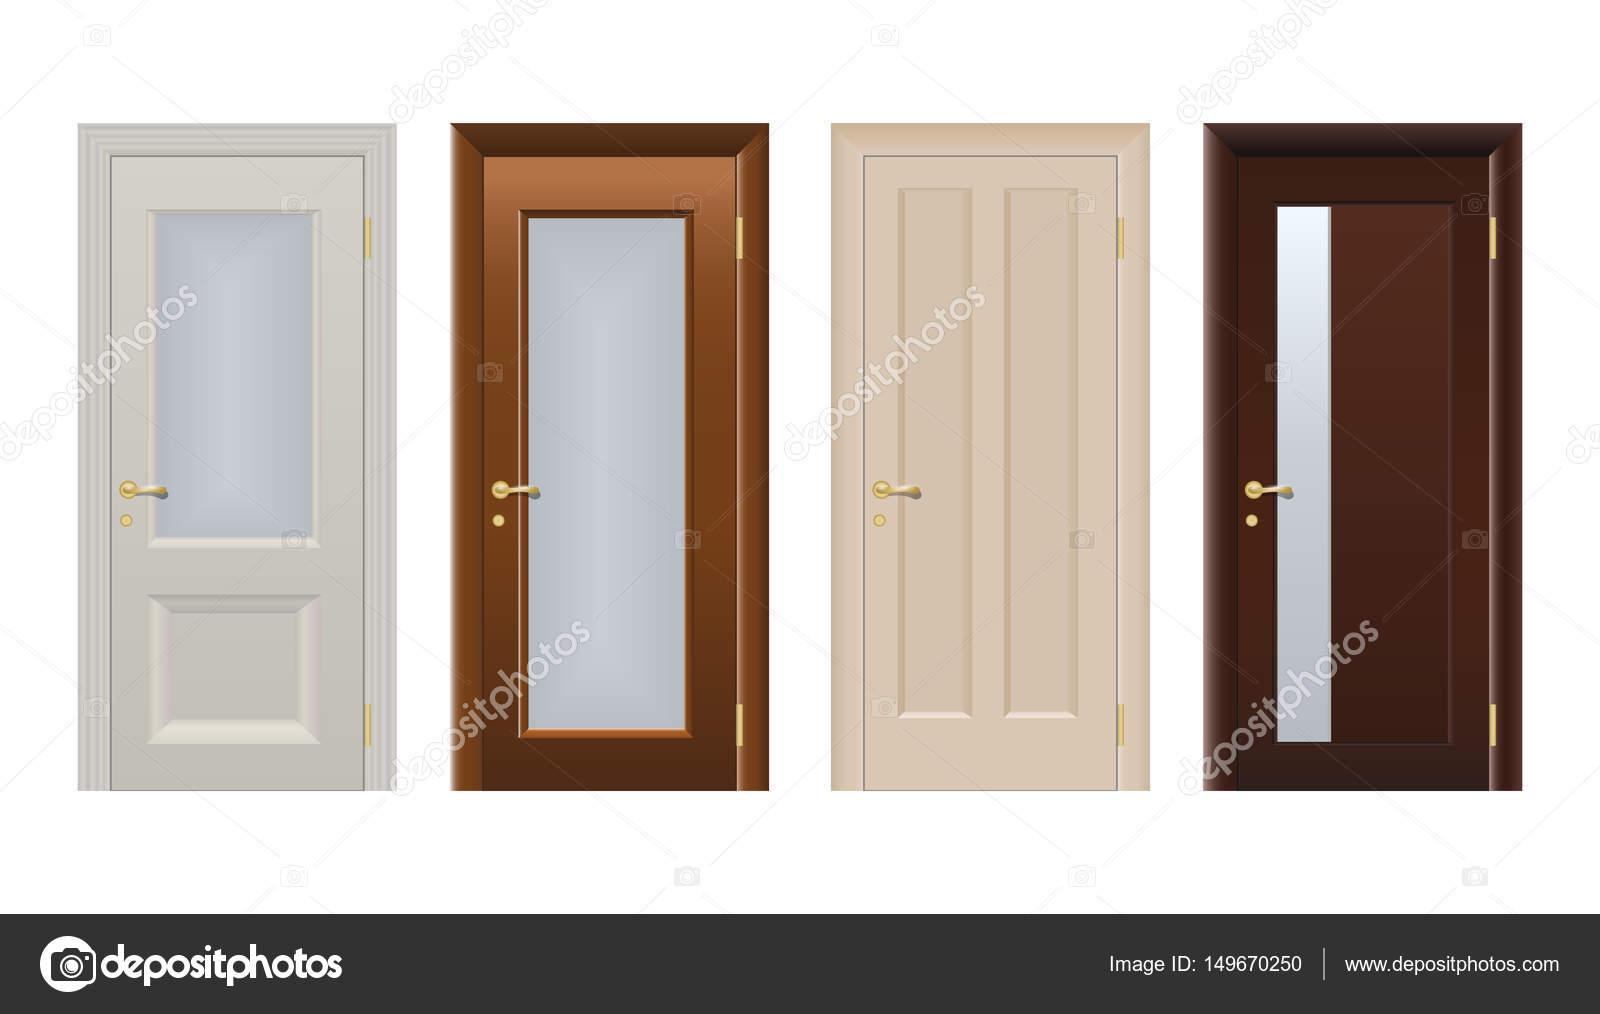 colores puertas para casas y edificios situado en estilo de diseo plano aislado ilustracin del vector conjunto de modernas puertas colores aislados en